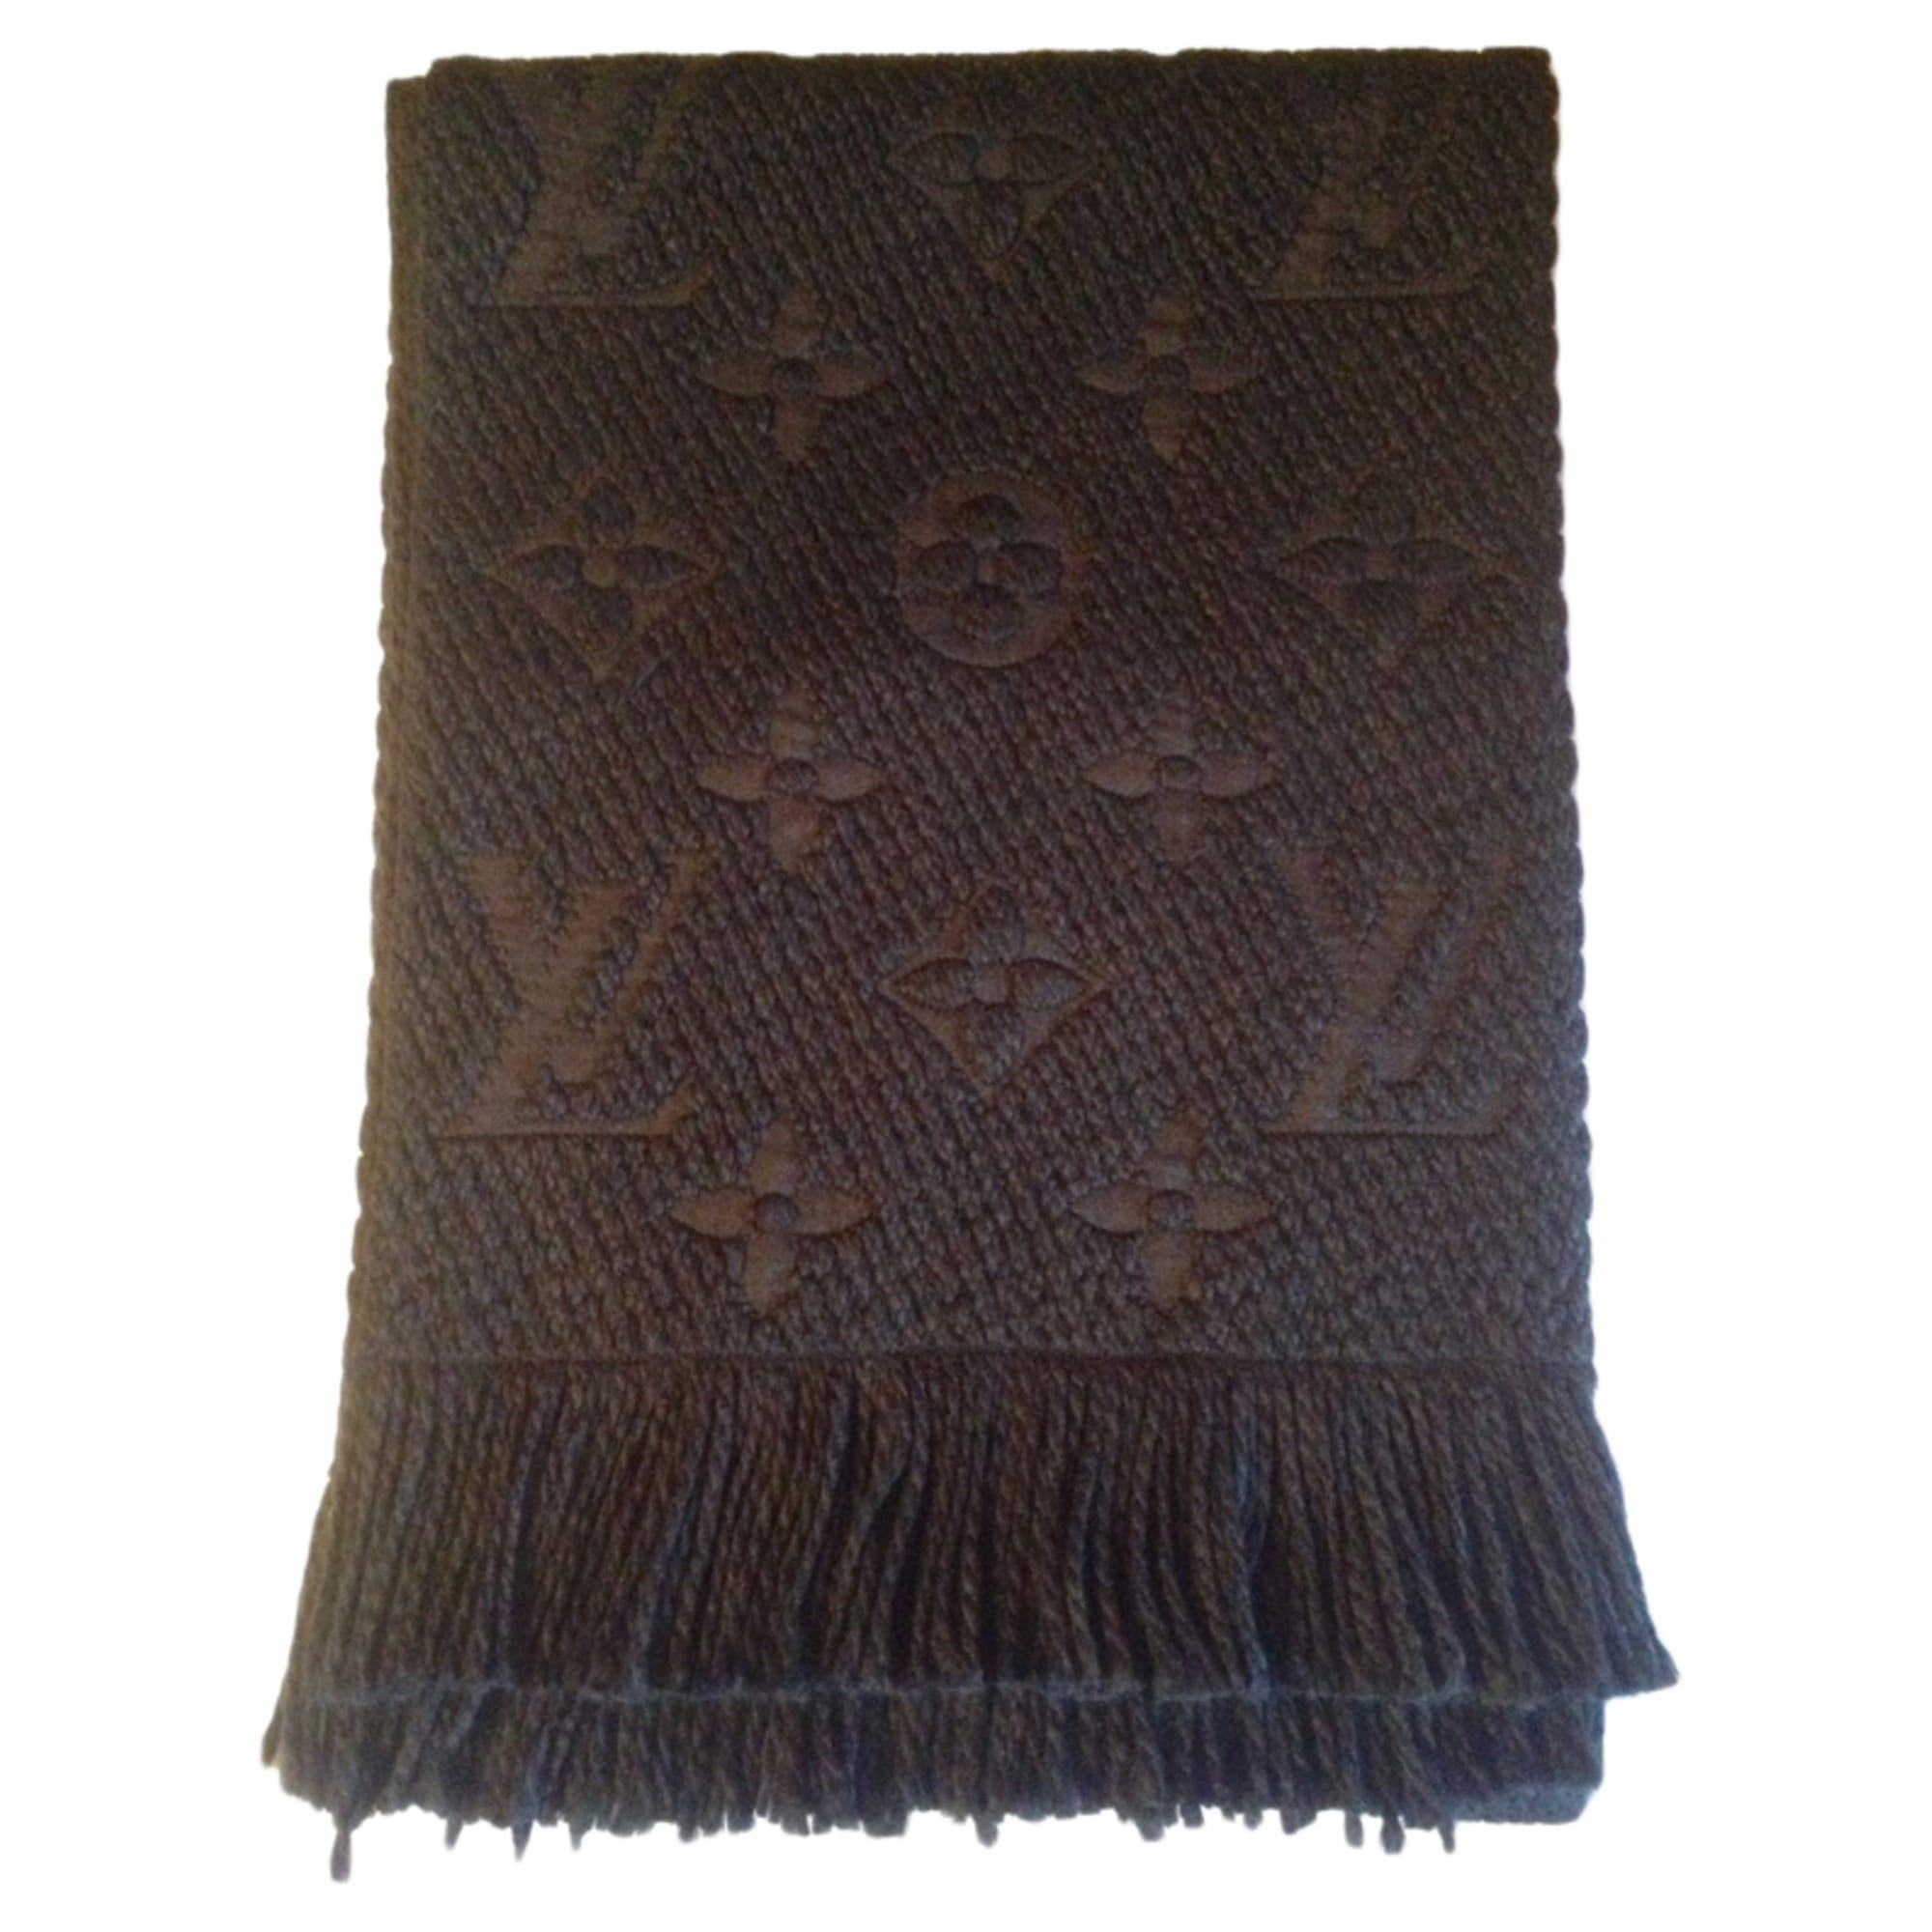 12b35721c1a5 Echarpe LOUIS VUITTON noir vendu par Anais... - 3167552